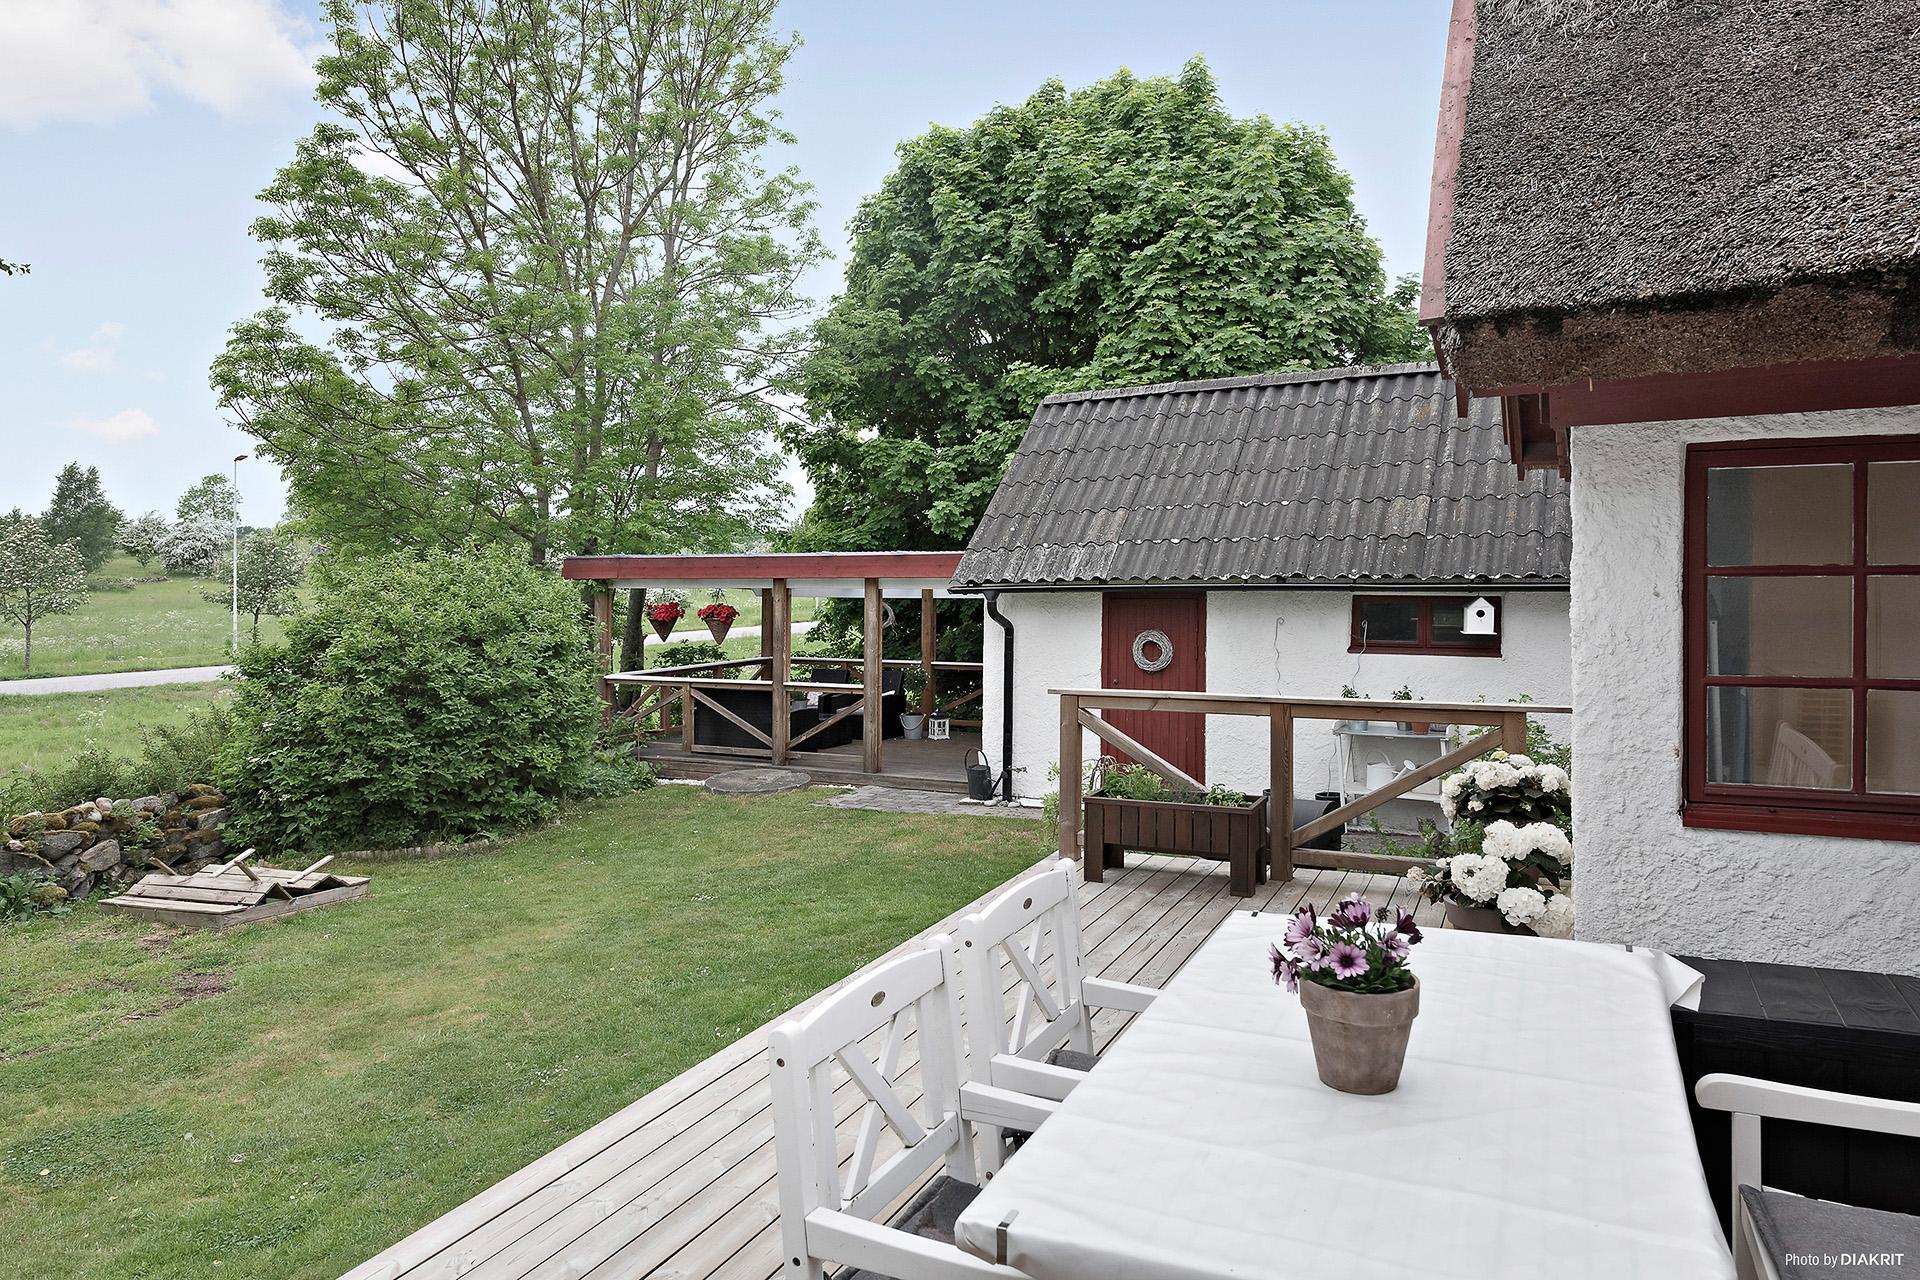 Härlig innergård med fina sittplatser i trädgården och på trädäcket